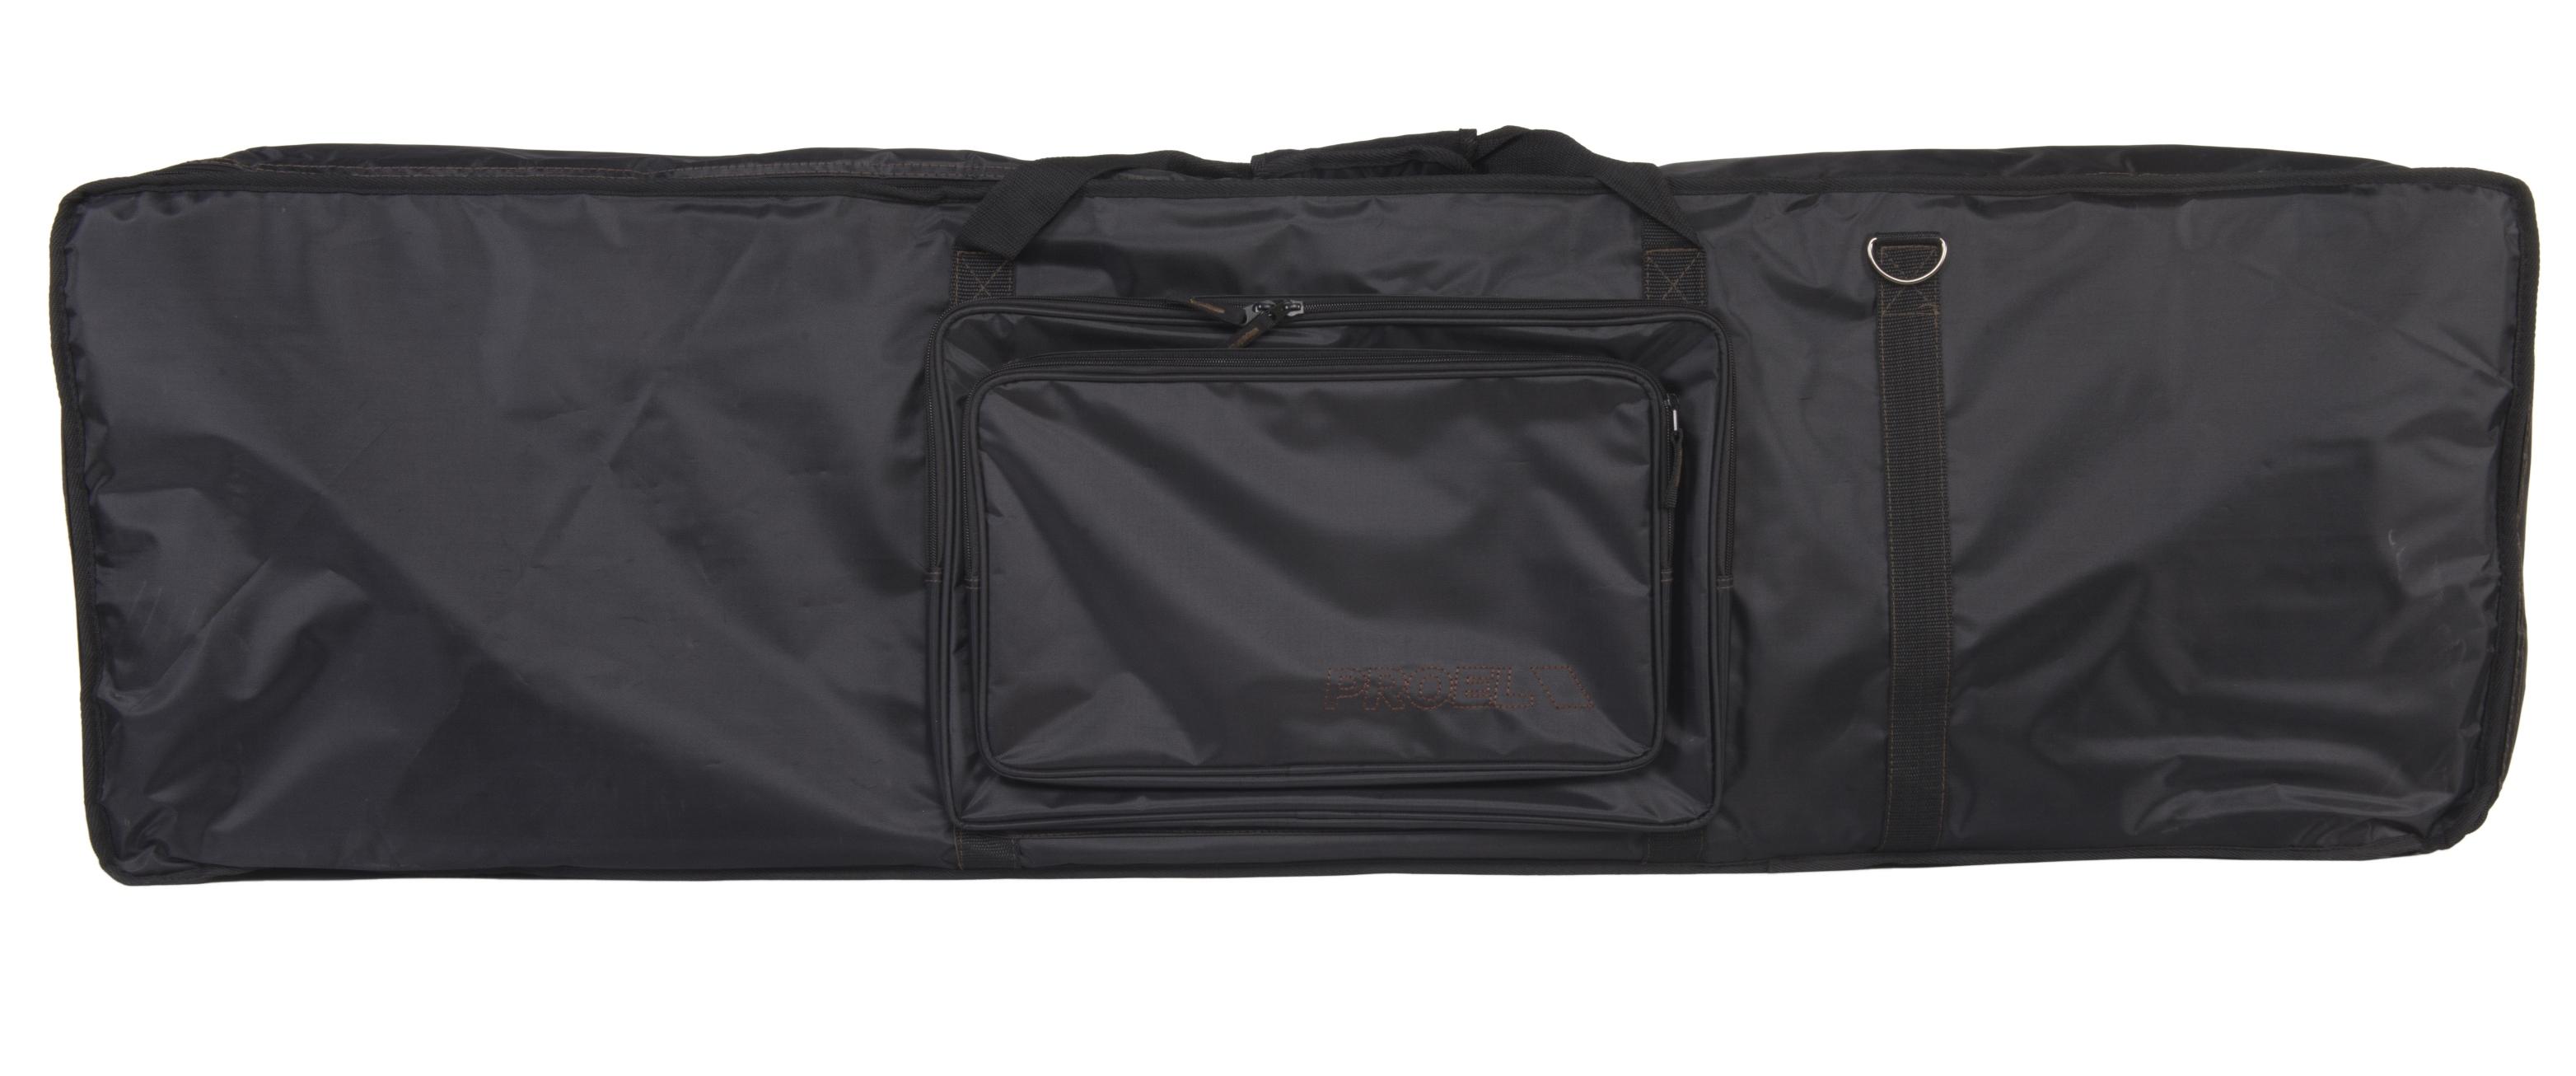 PROEL BAG935PN - Borsa per tastiera in robusto nylon 420D antistrappo.